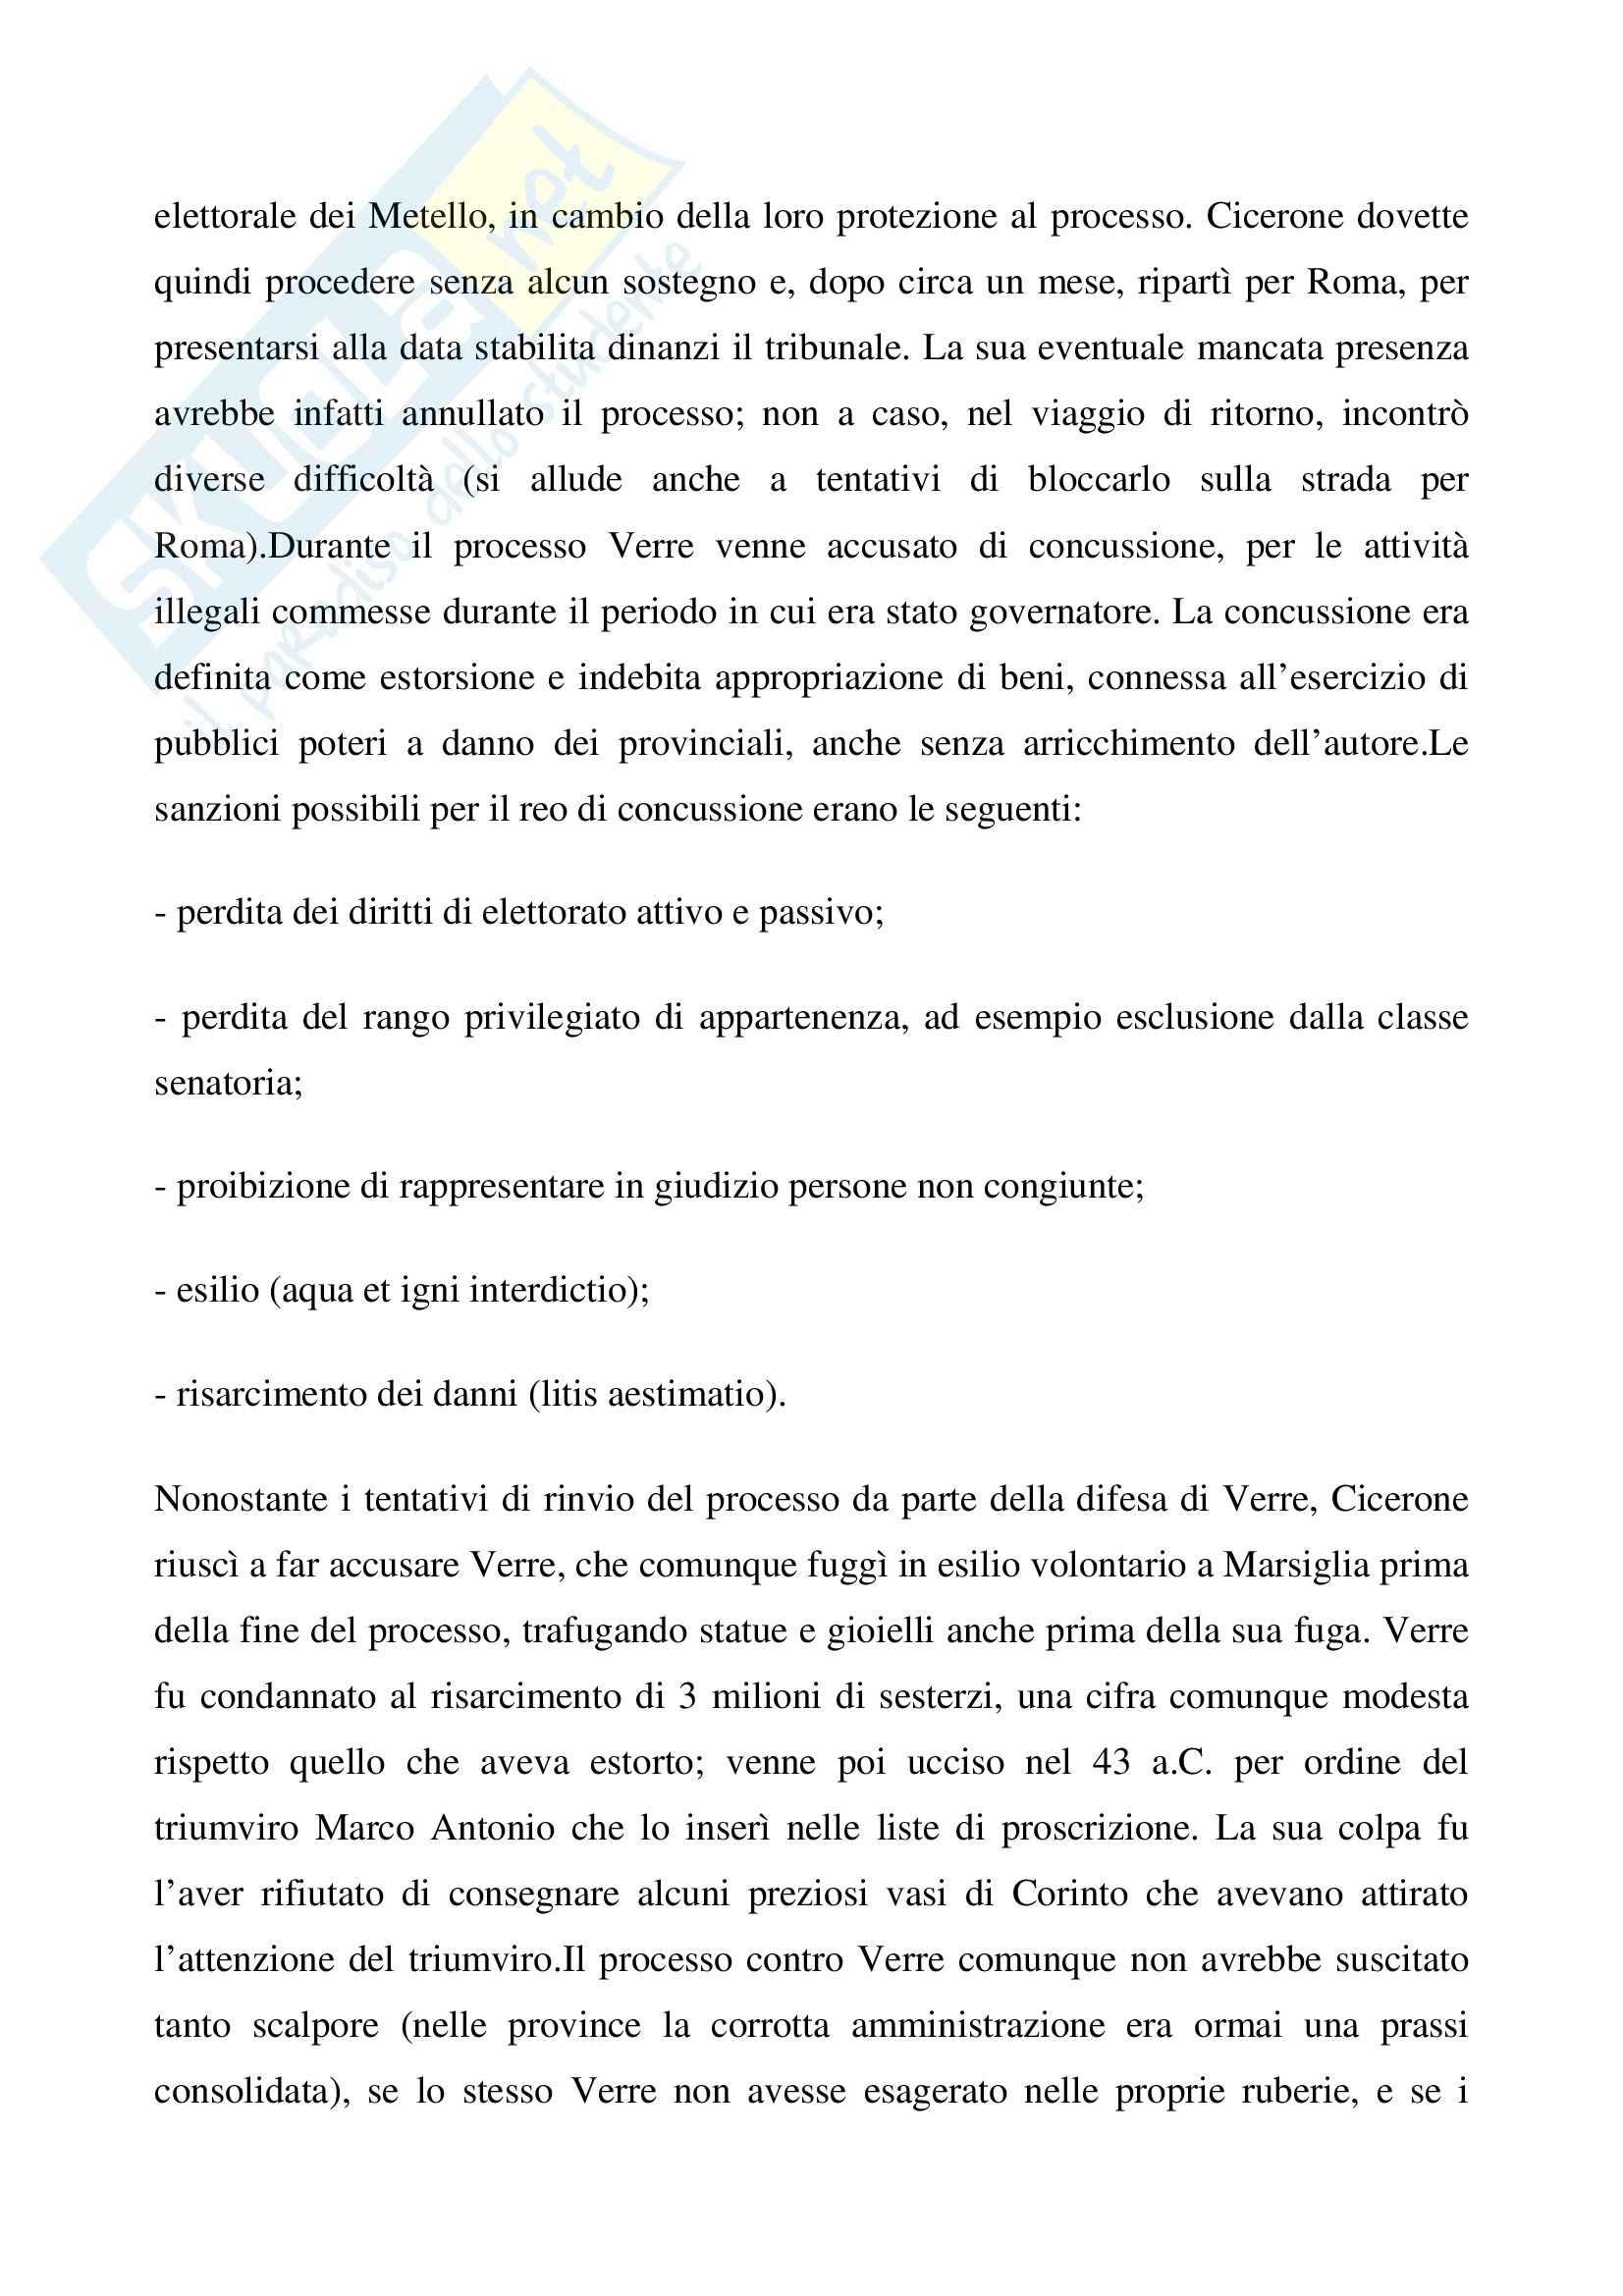 Processo a Verre, Storia romana Pag. 2